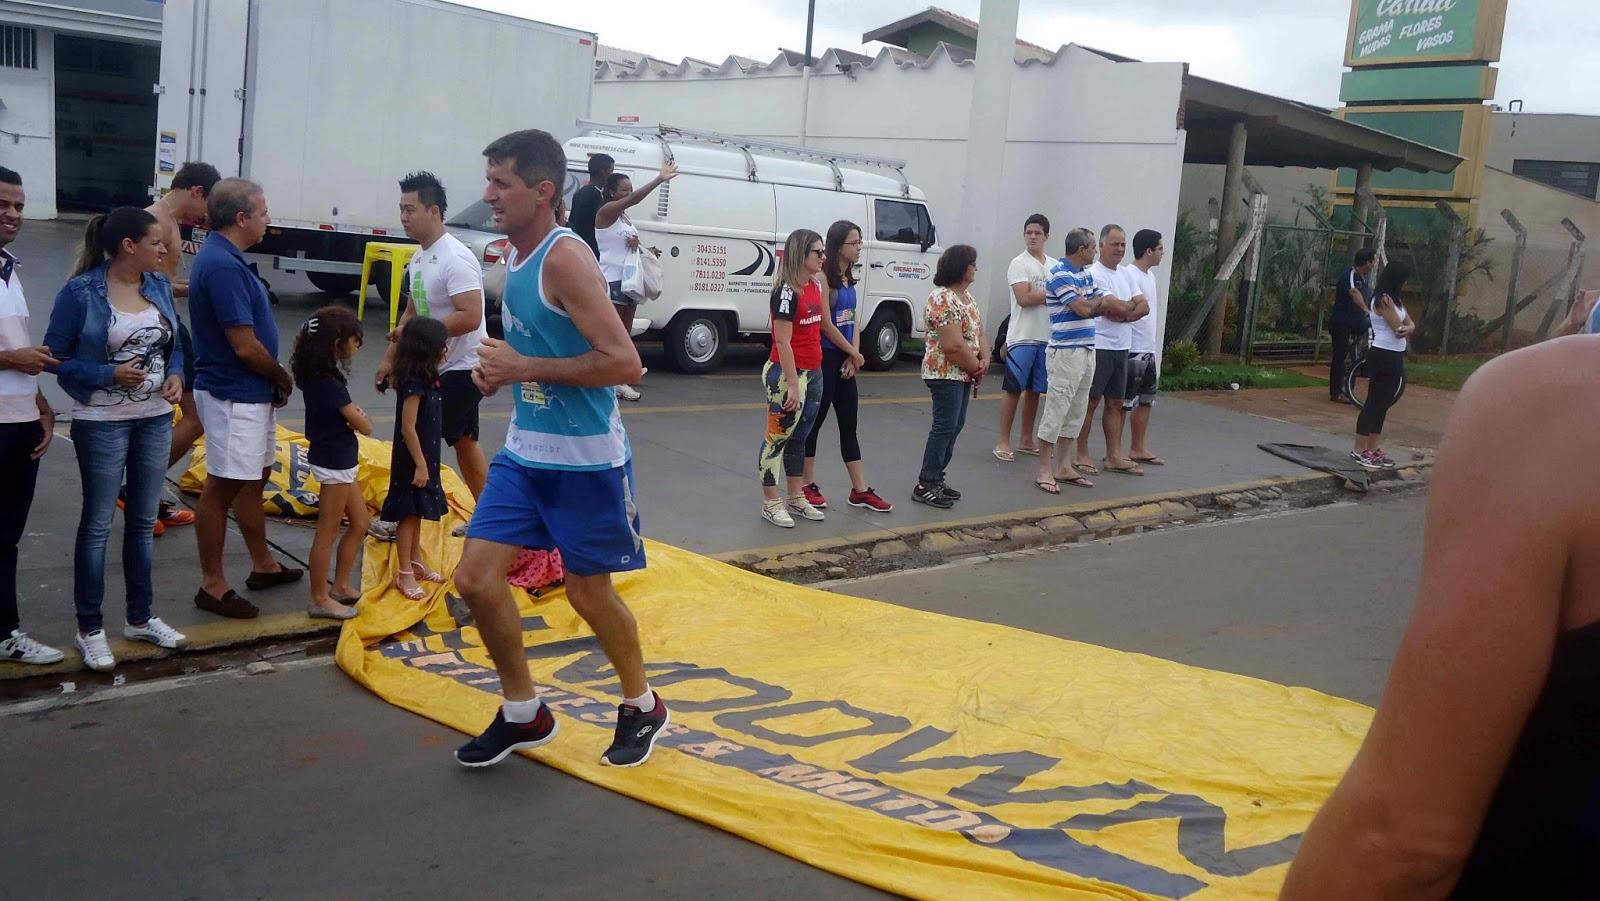 Foto 110 da 1ª Corrida Av. dos Coqueiros em Barretos-SP 14/04/2013 – Atletas cruzando a linha de chegada